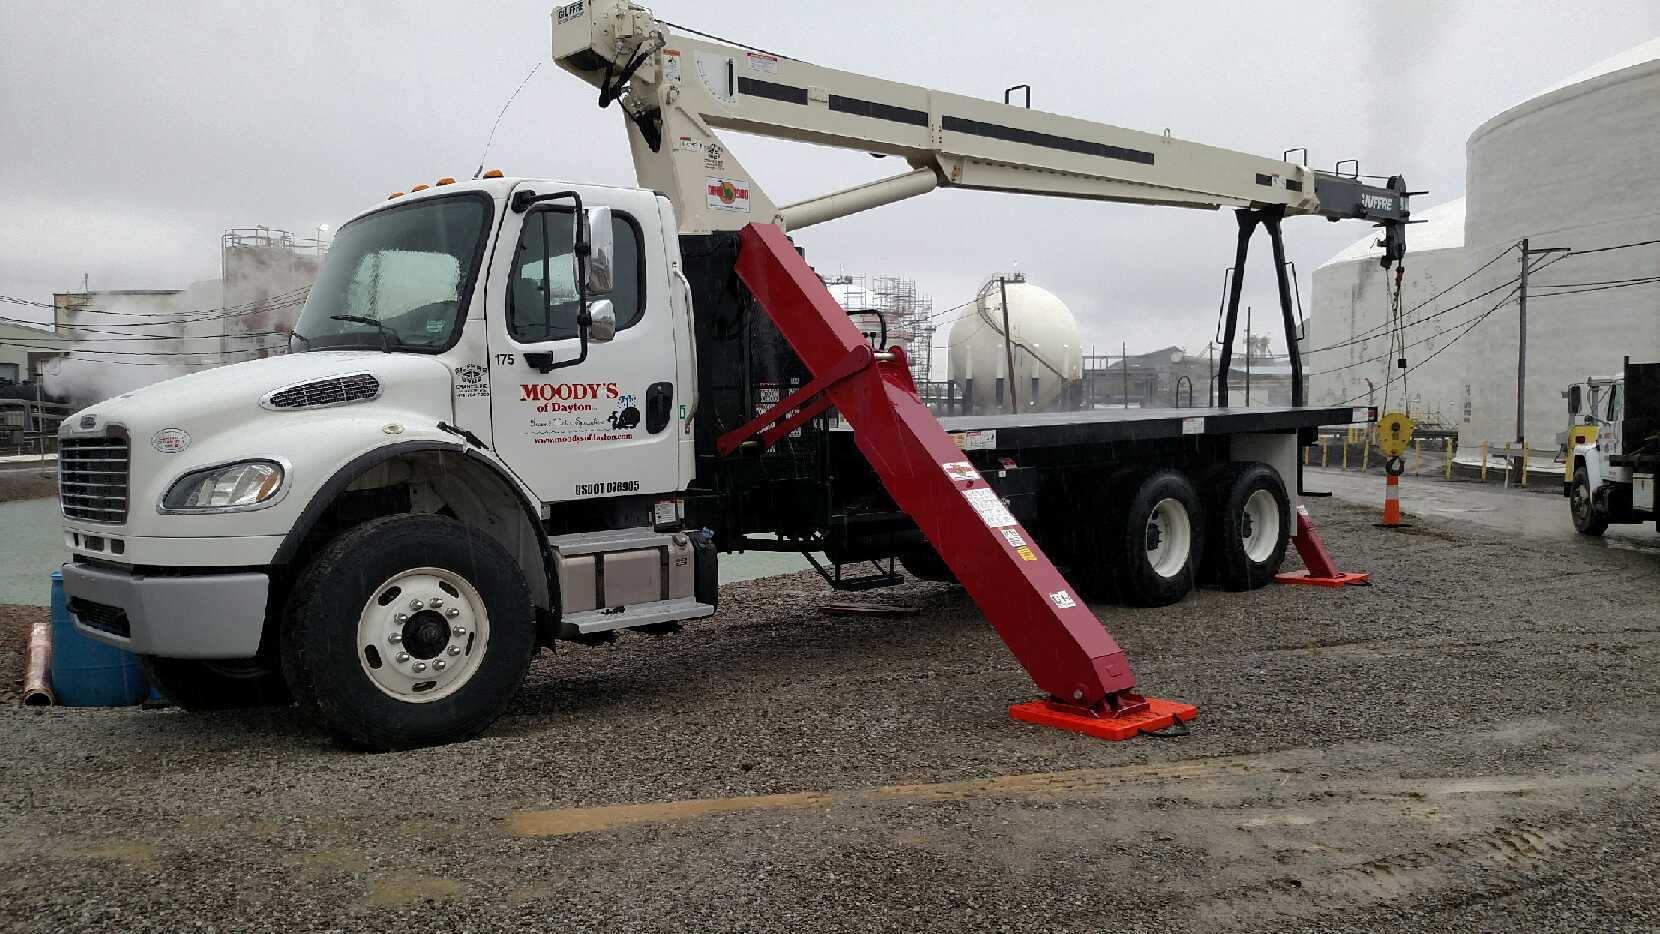 crane 5, truck 175.jpg